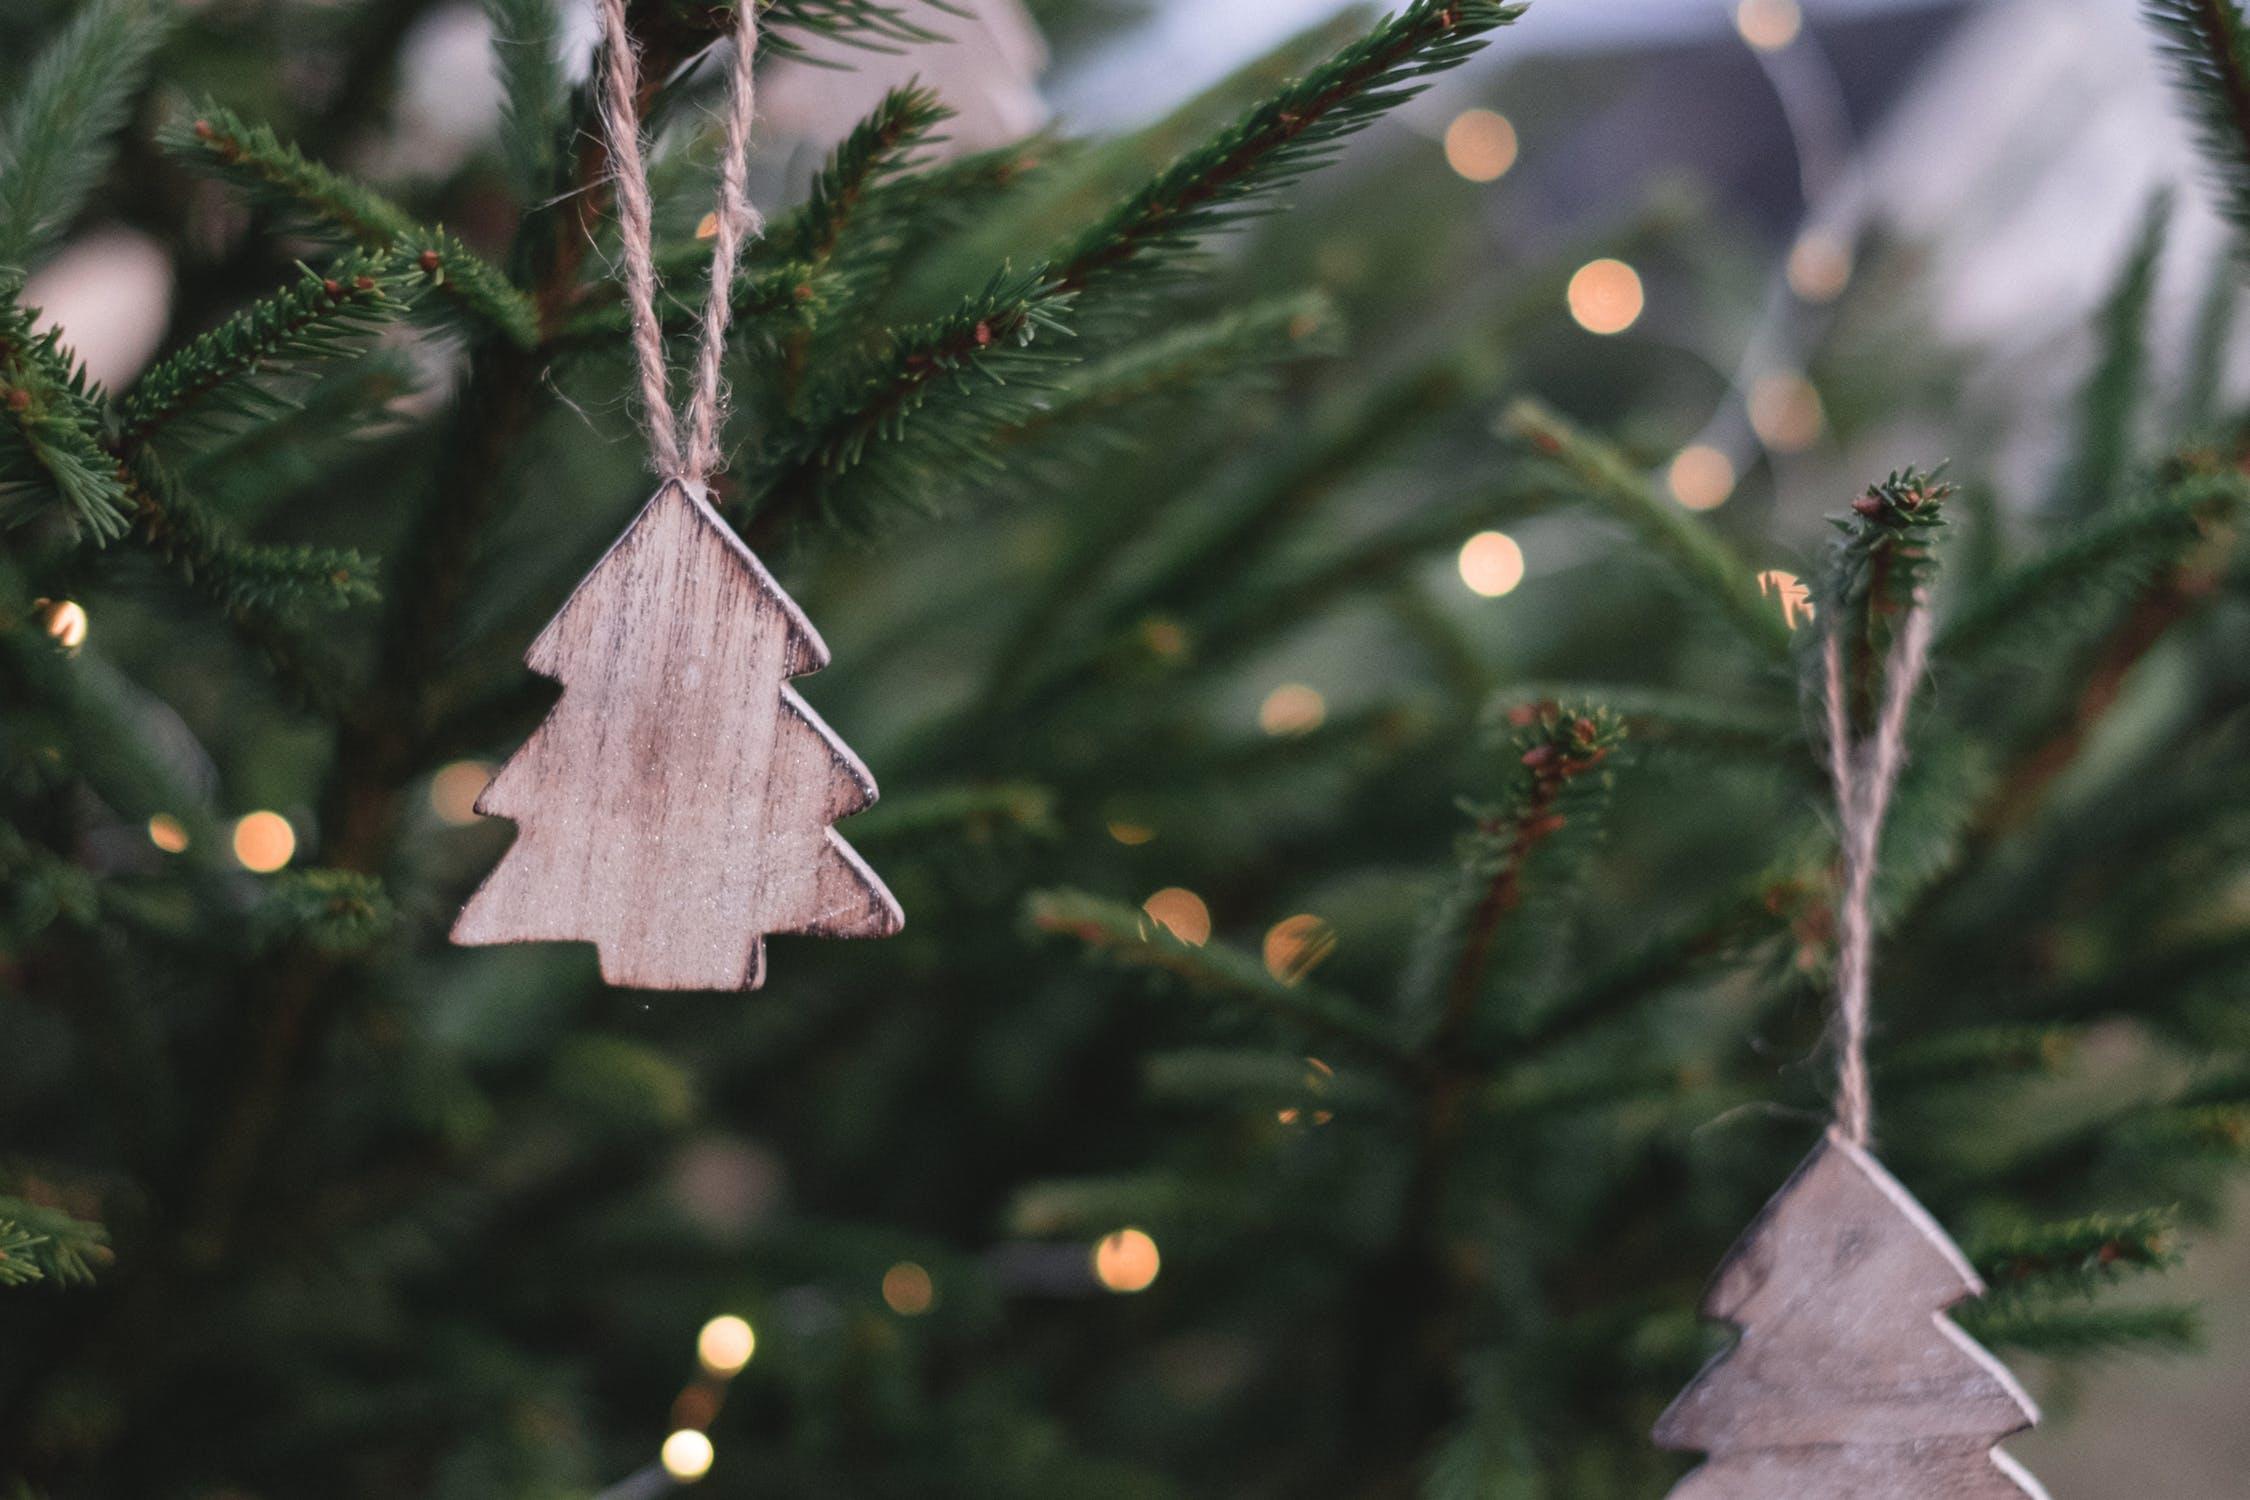 Frohe Weihnachten Wünschen Euch.Wir Wünschen Euch Frohe Weihnachten Und Ein Frohes Neues Jahr